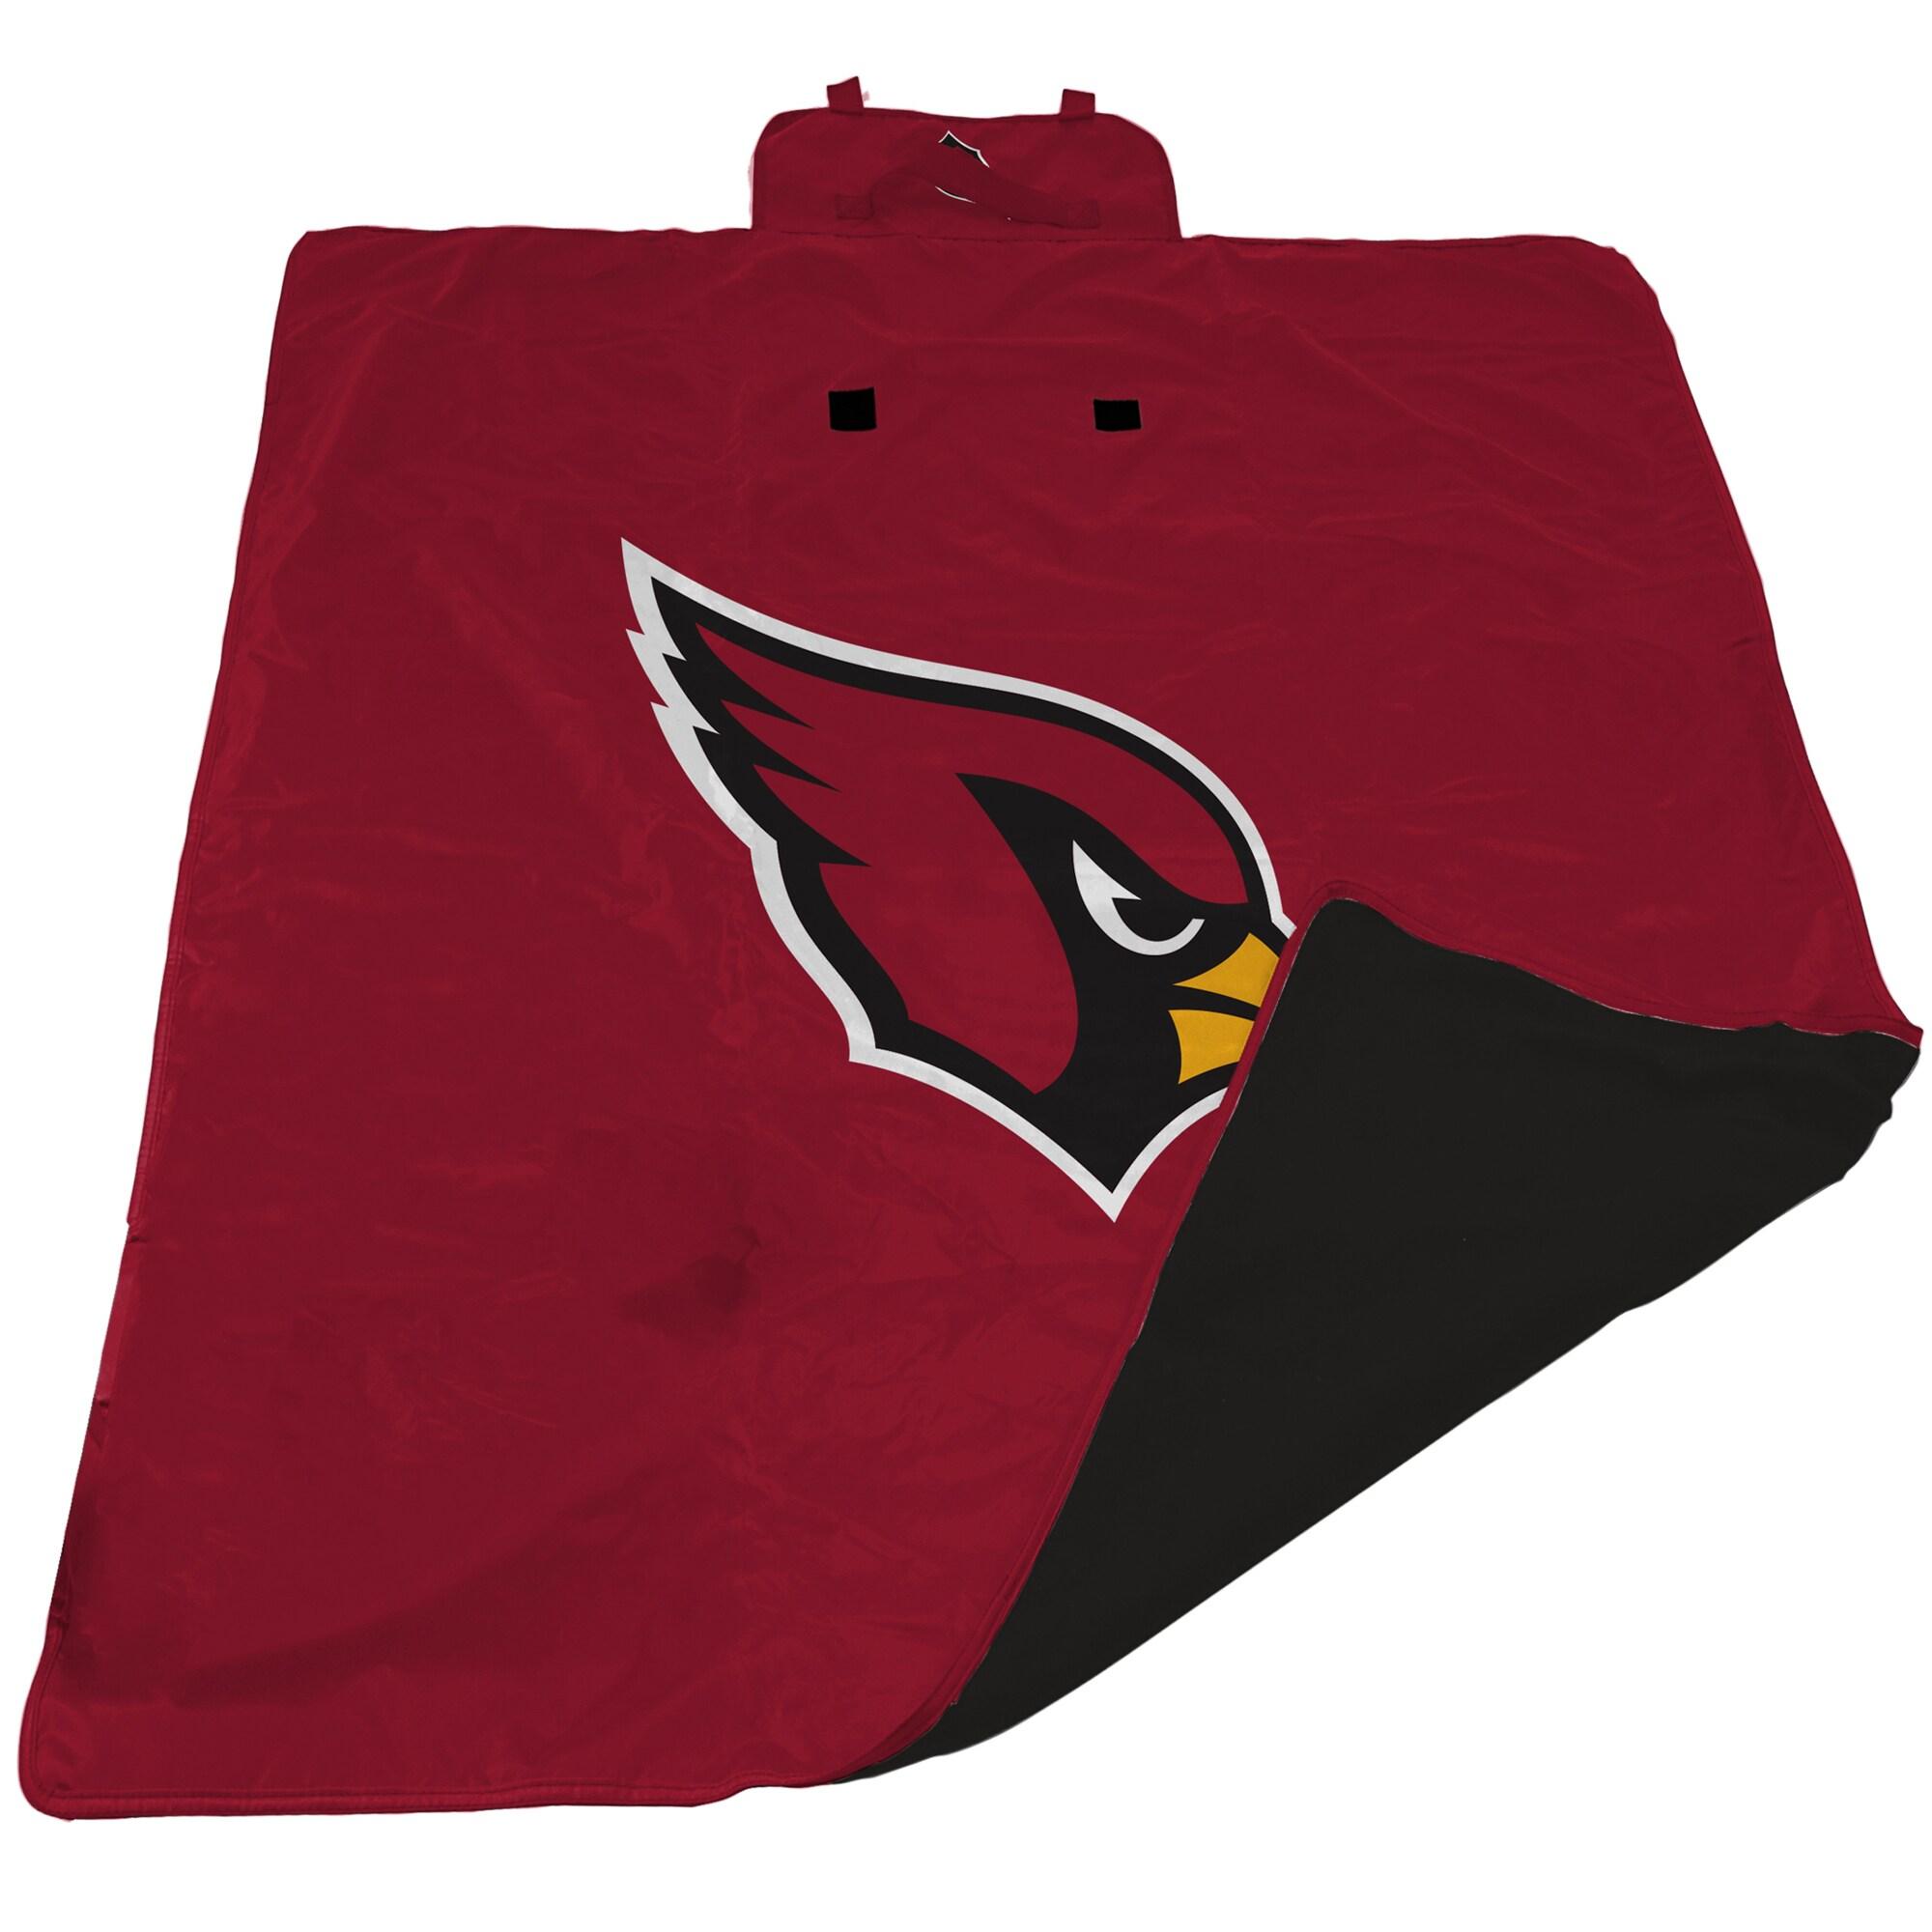 Arizona Cardinals 60'' x 80'' All-Weather XL Outdoor Blanket - Cardinal